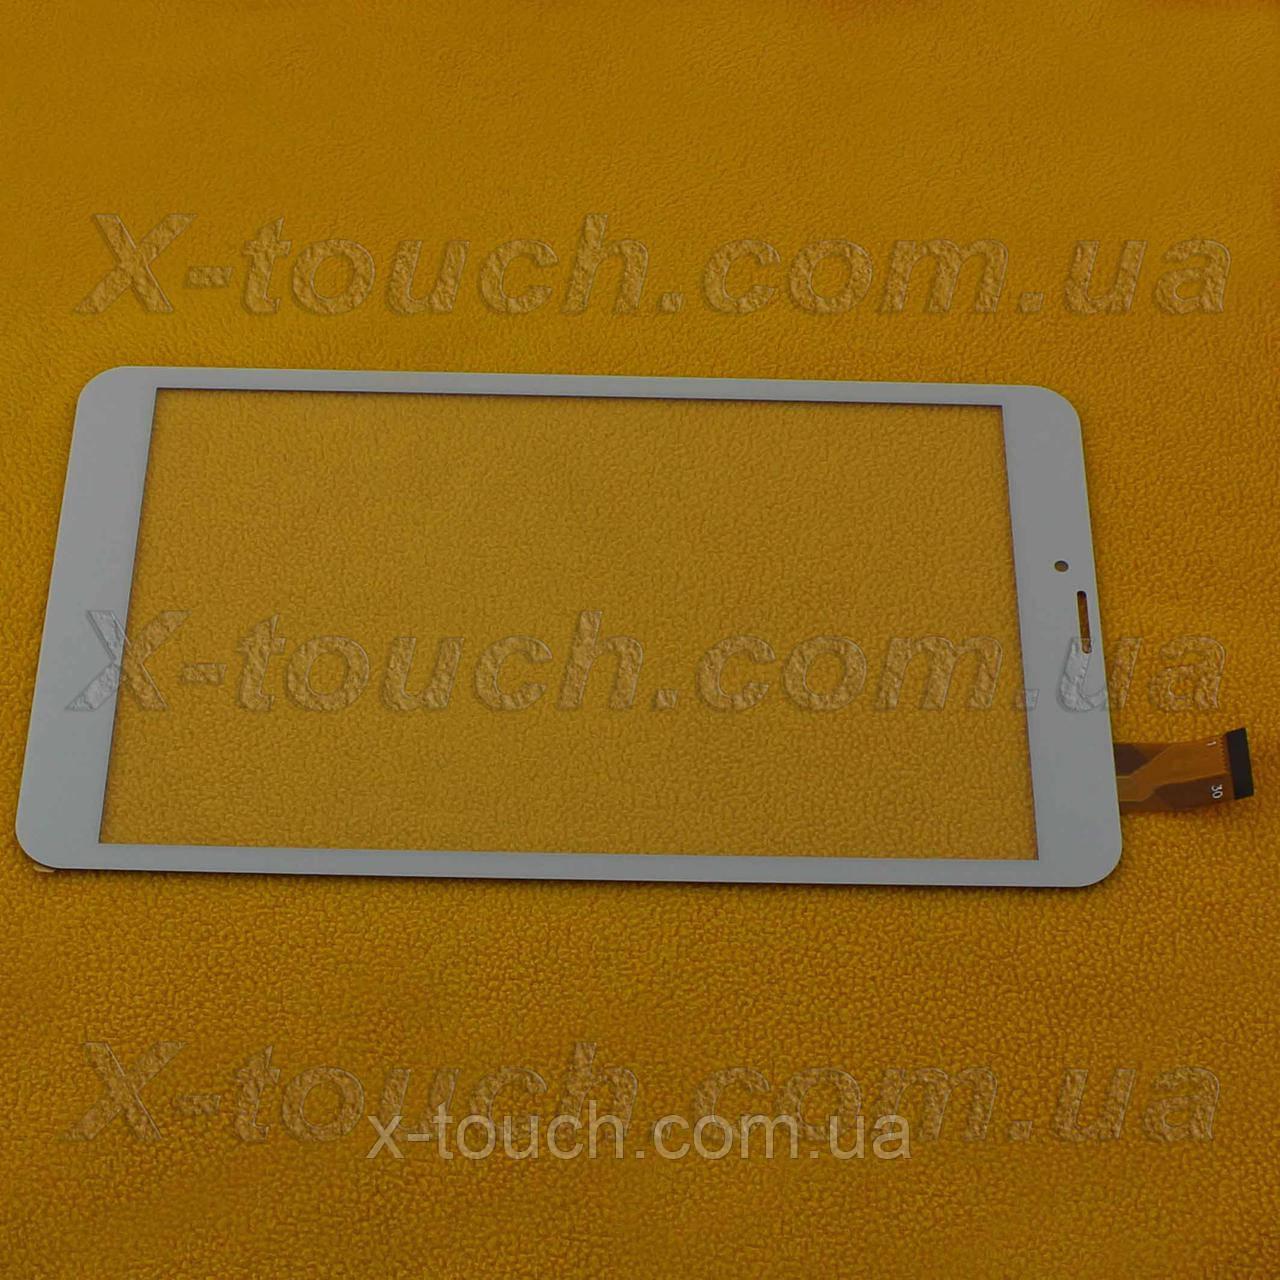 Тачскрин, сенсор MATRIX 818 3G для планшета, белого цвета